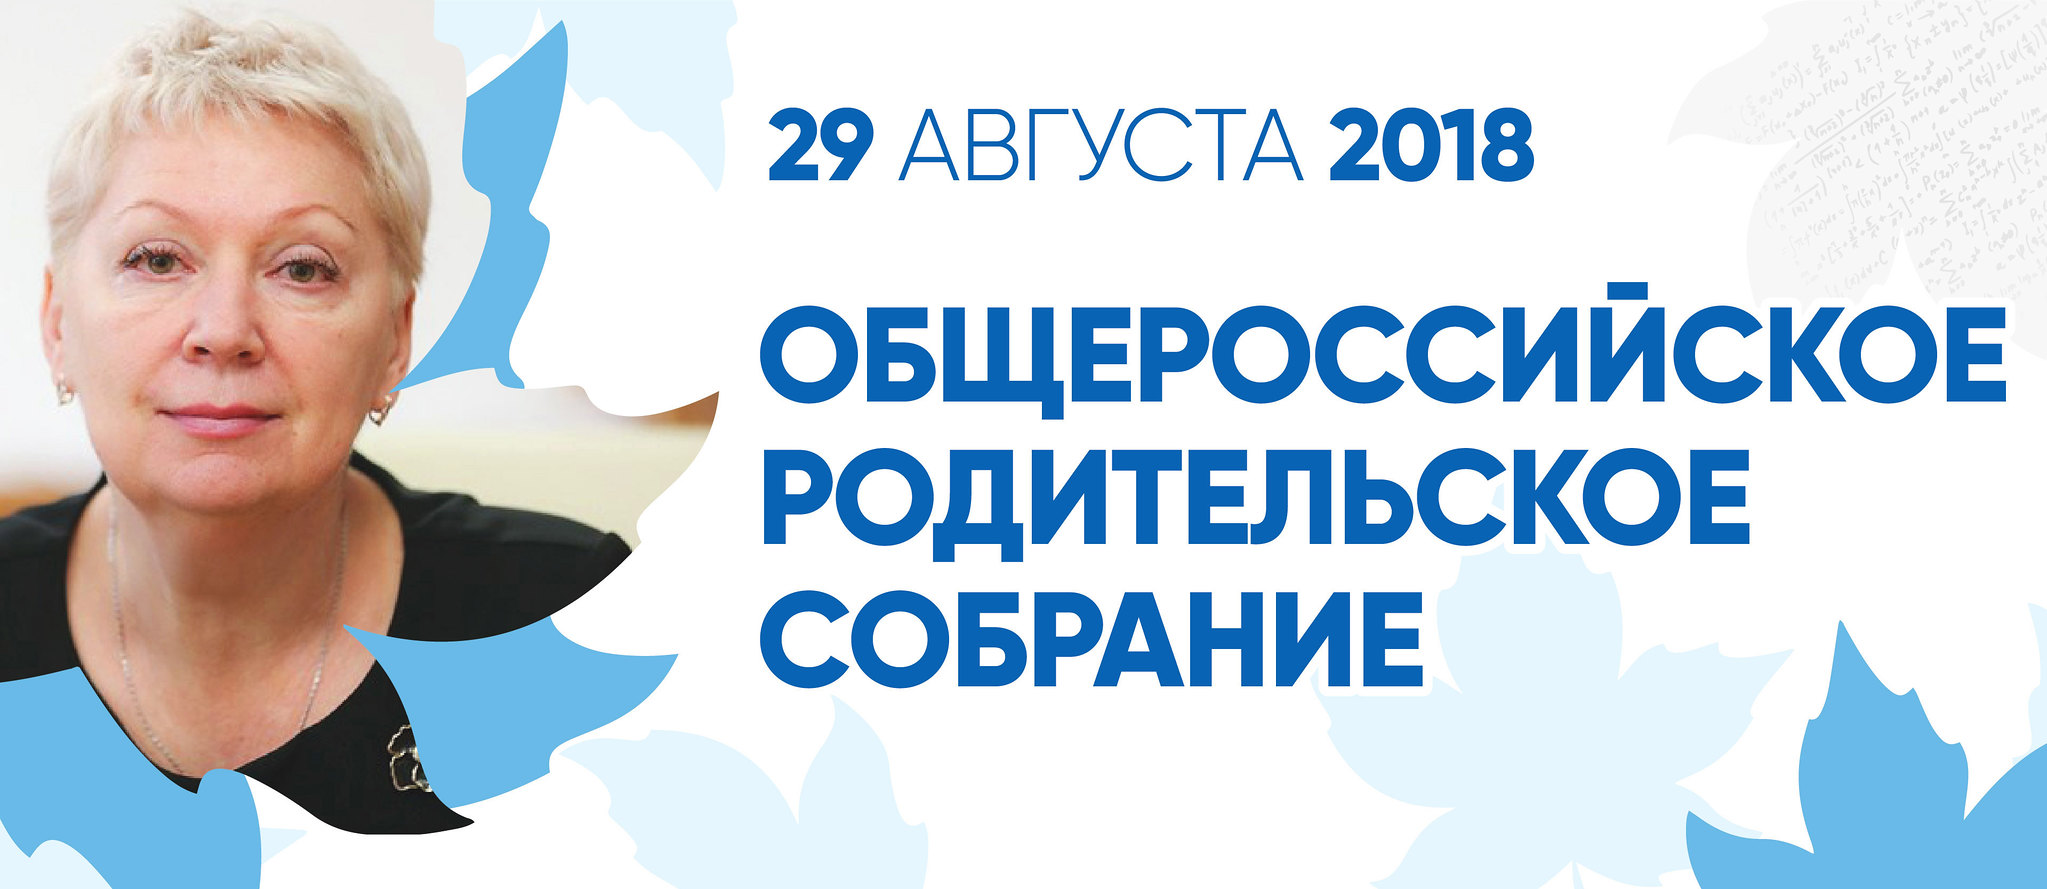 Общероссийское родительское собрание 29 августа 2018